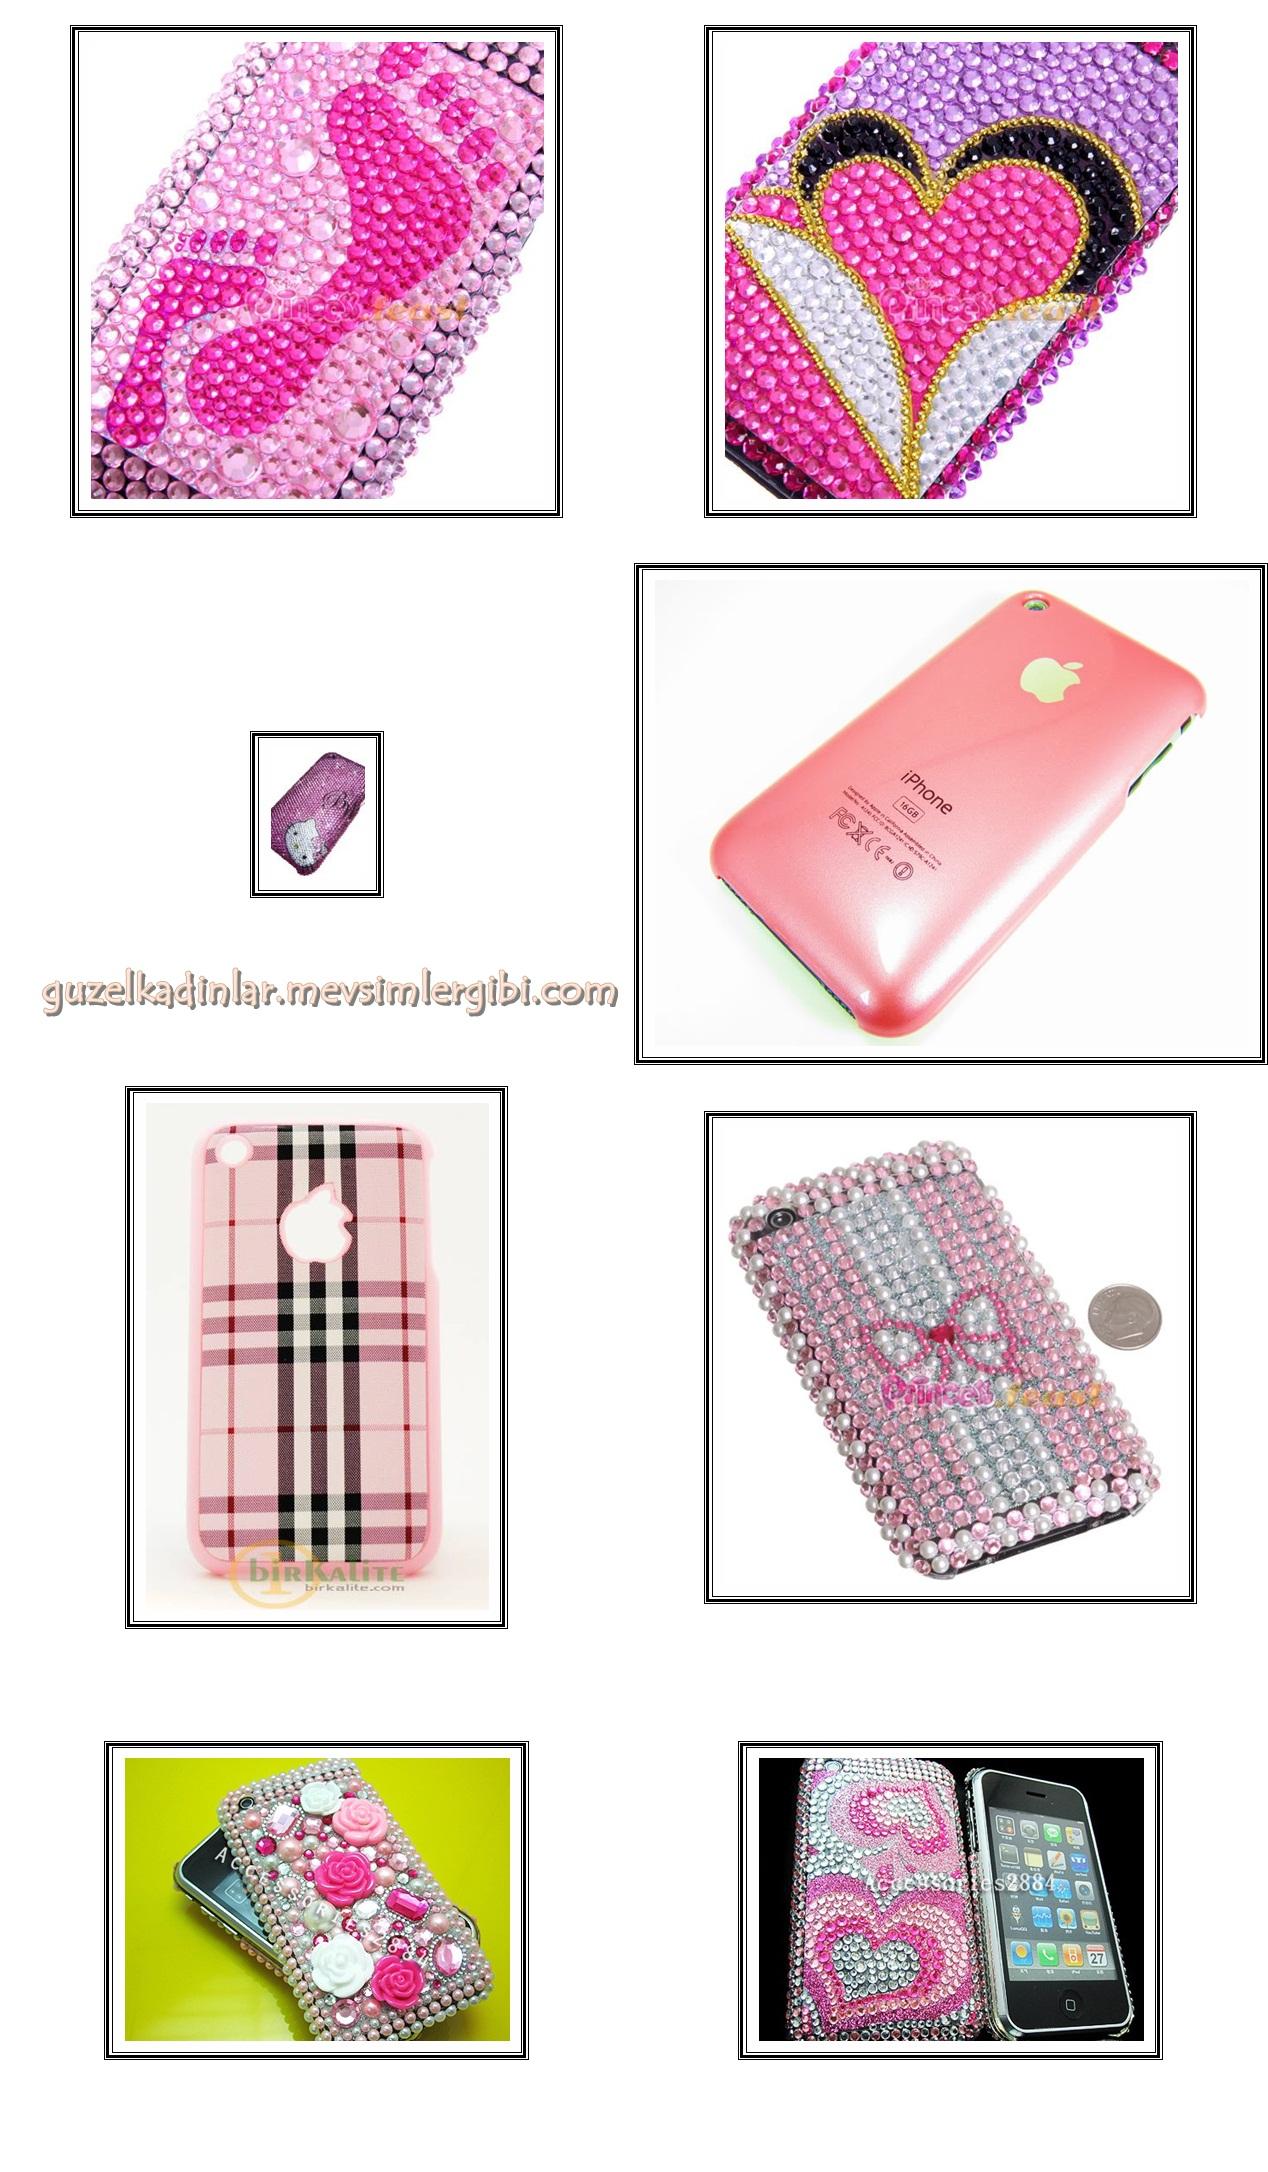 pembe apple iphone kapakları kılıfları pembe cep telefonu aksesuarları pembe eşyalar